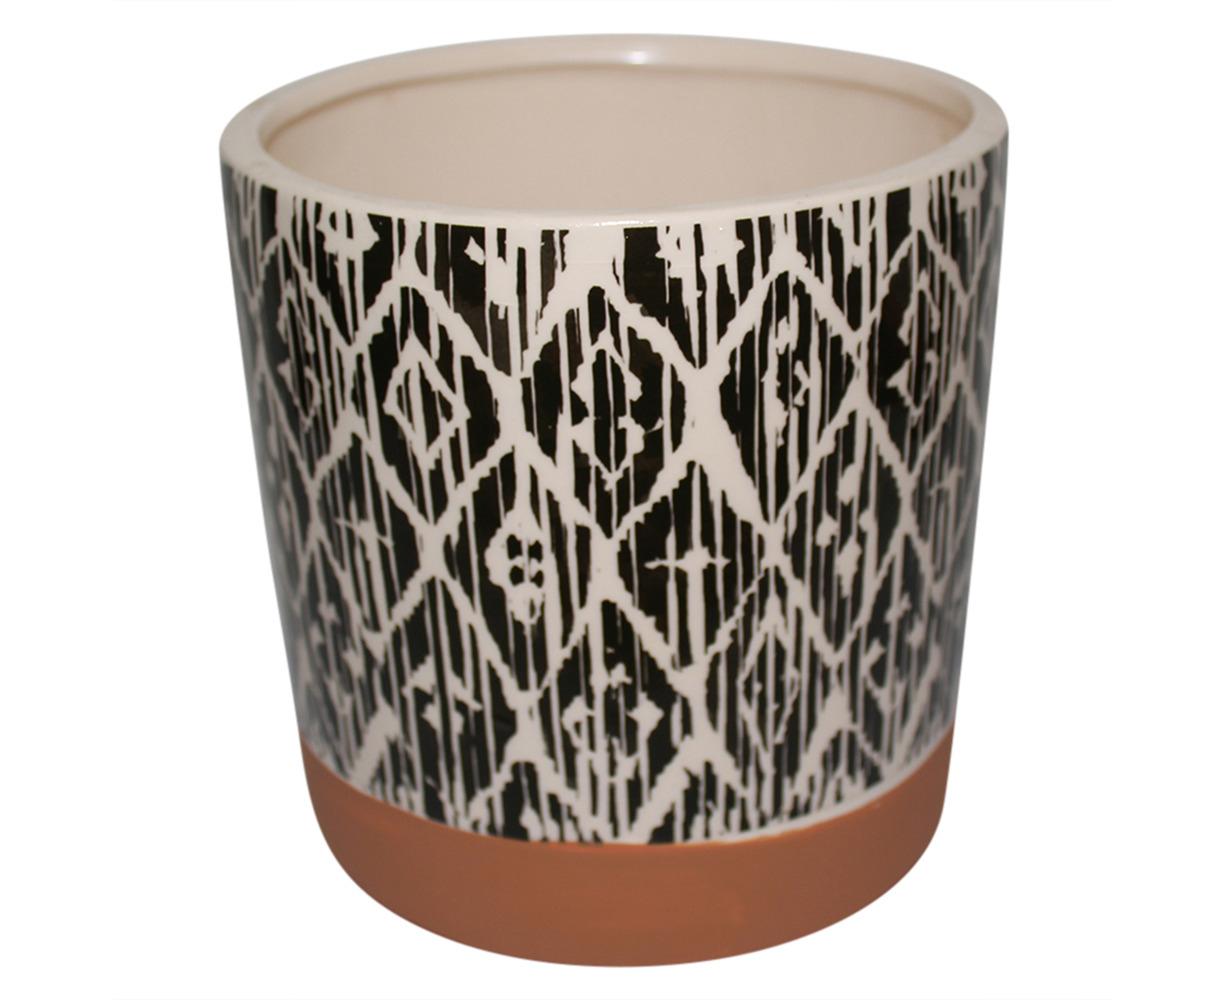 Design C Black And White Modern Ceramic Flower Pot 16